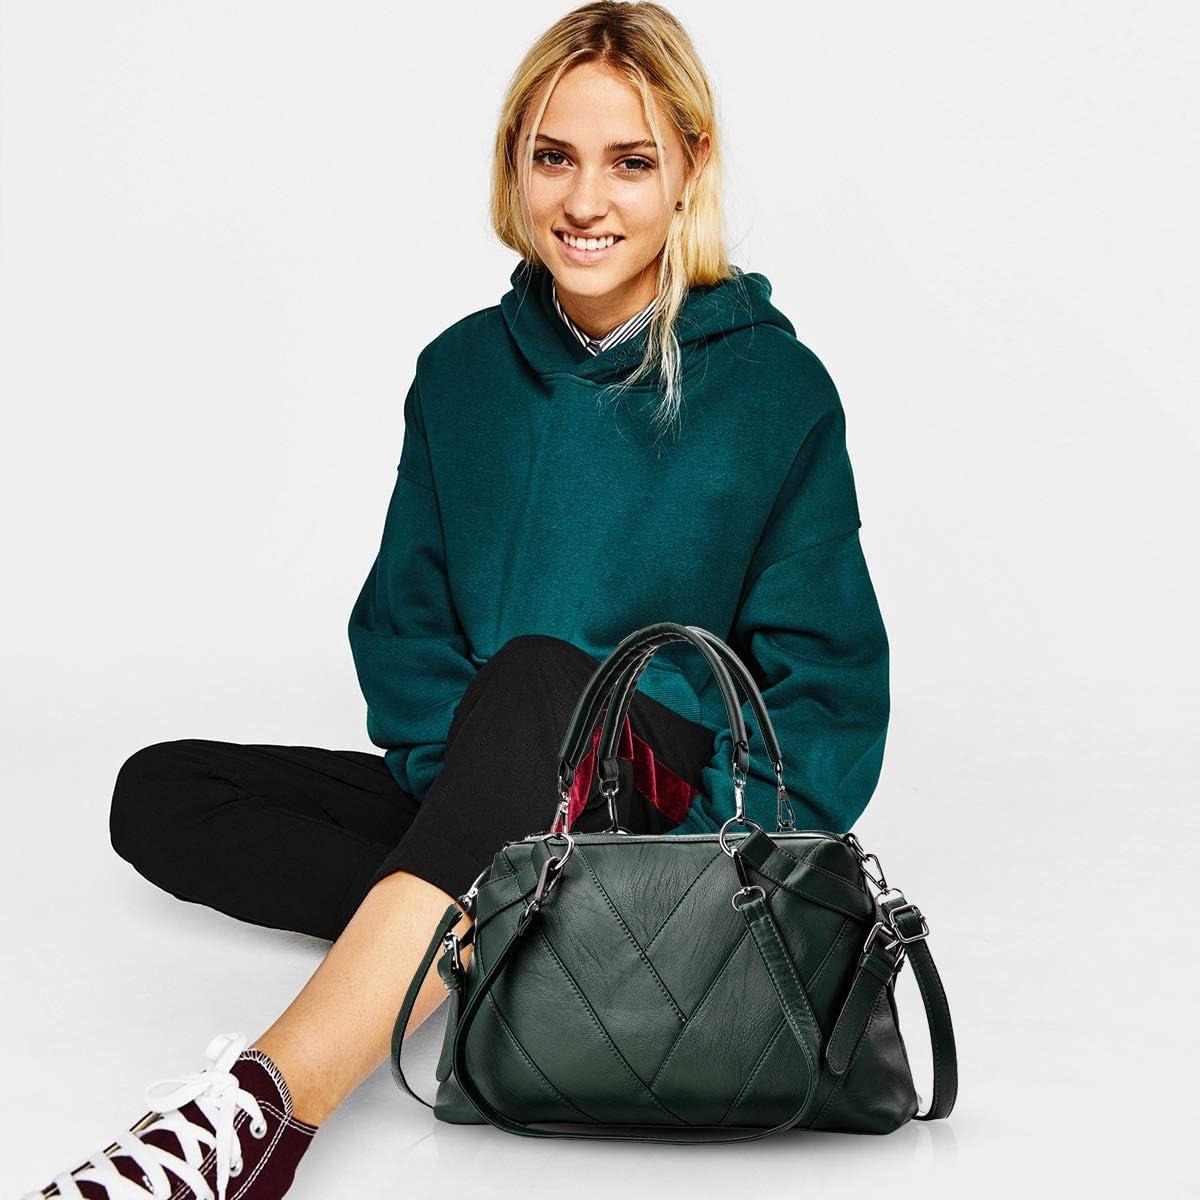 NICOLE /& DORIS Handbags for Ladies top-Handle Bags for Women Large Cross Body Bag Black